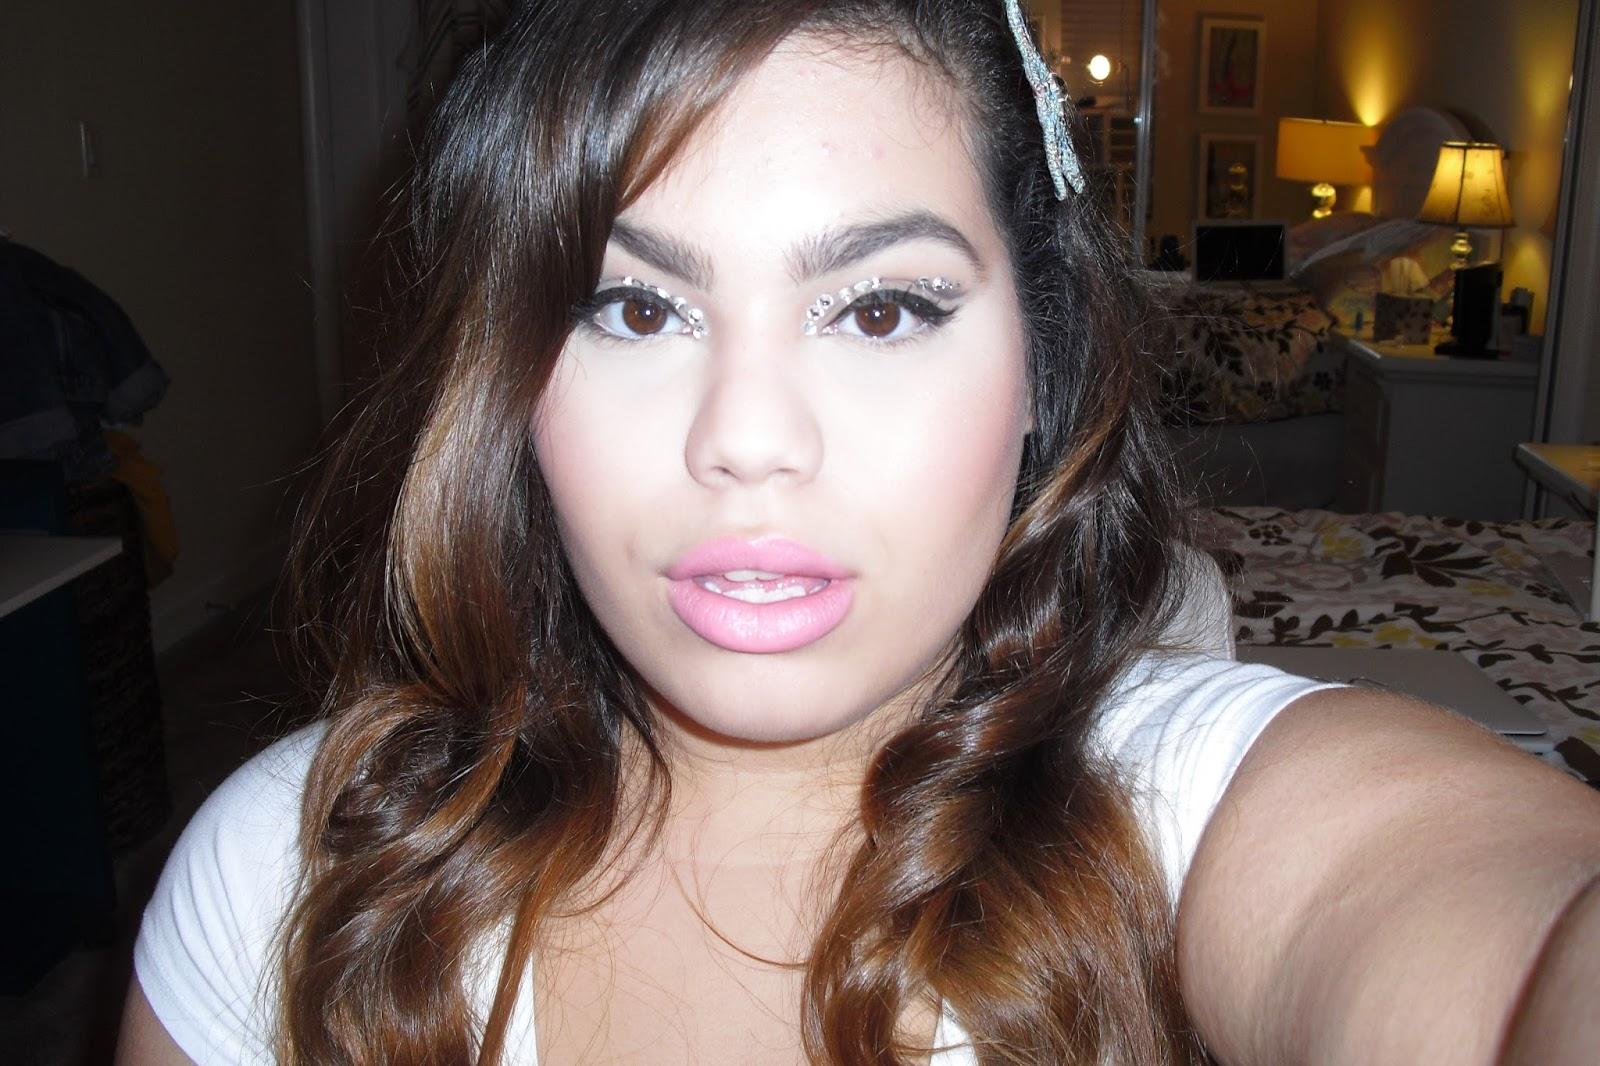 iggy azalea change your life makeup - photo #22